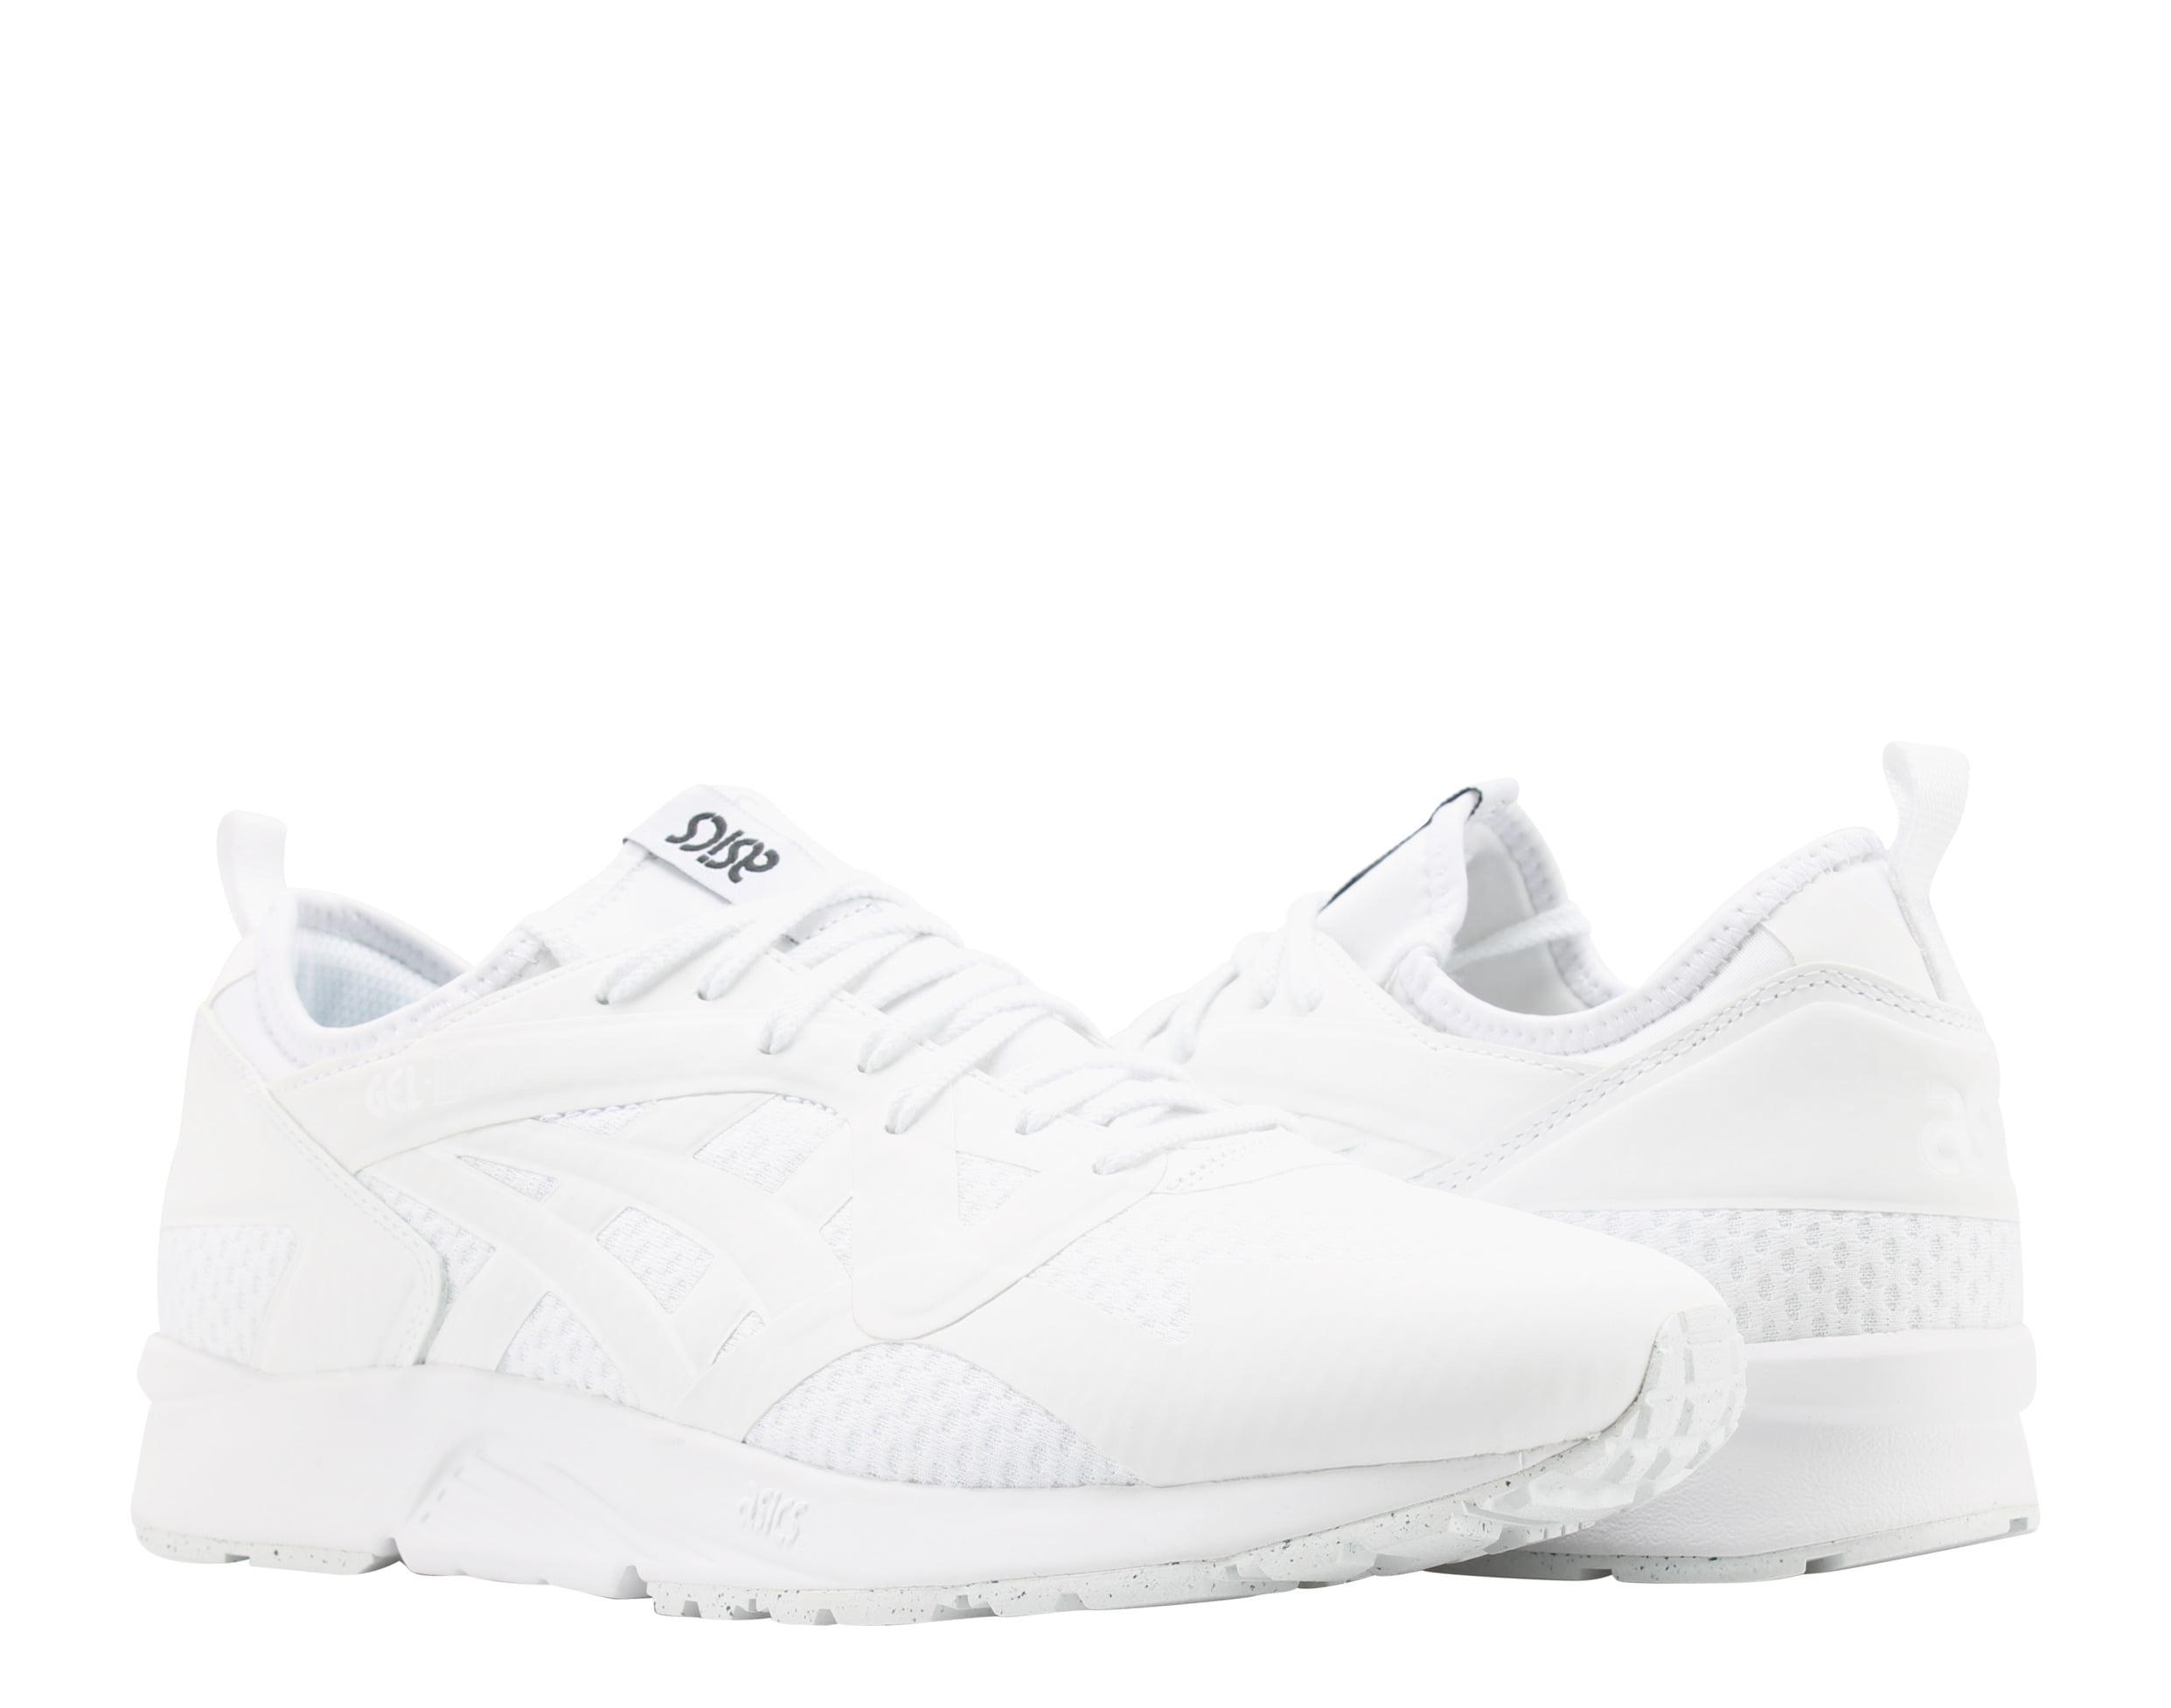 Asics Gel-Lyte V NS Tripple White Men's Running Shoes HY7H4-0101 by ASICS Tiger